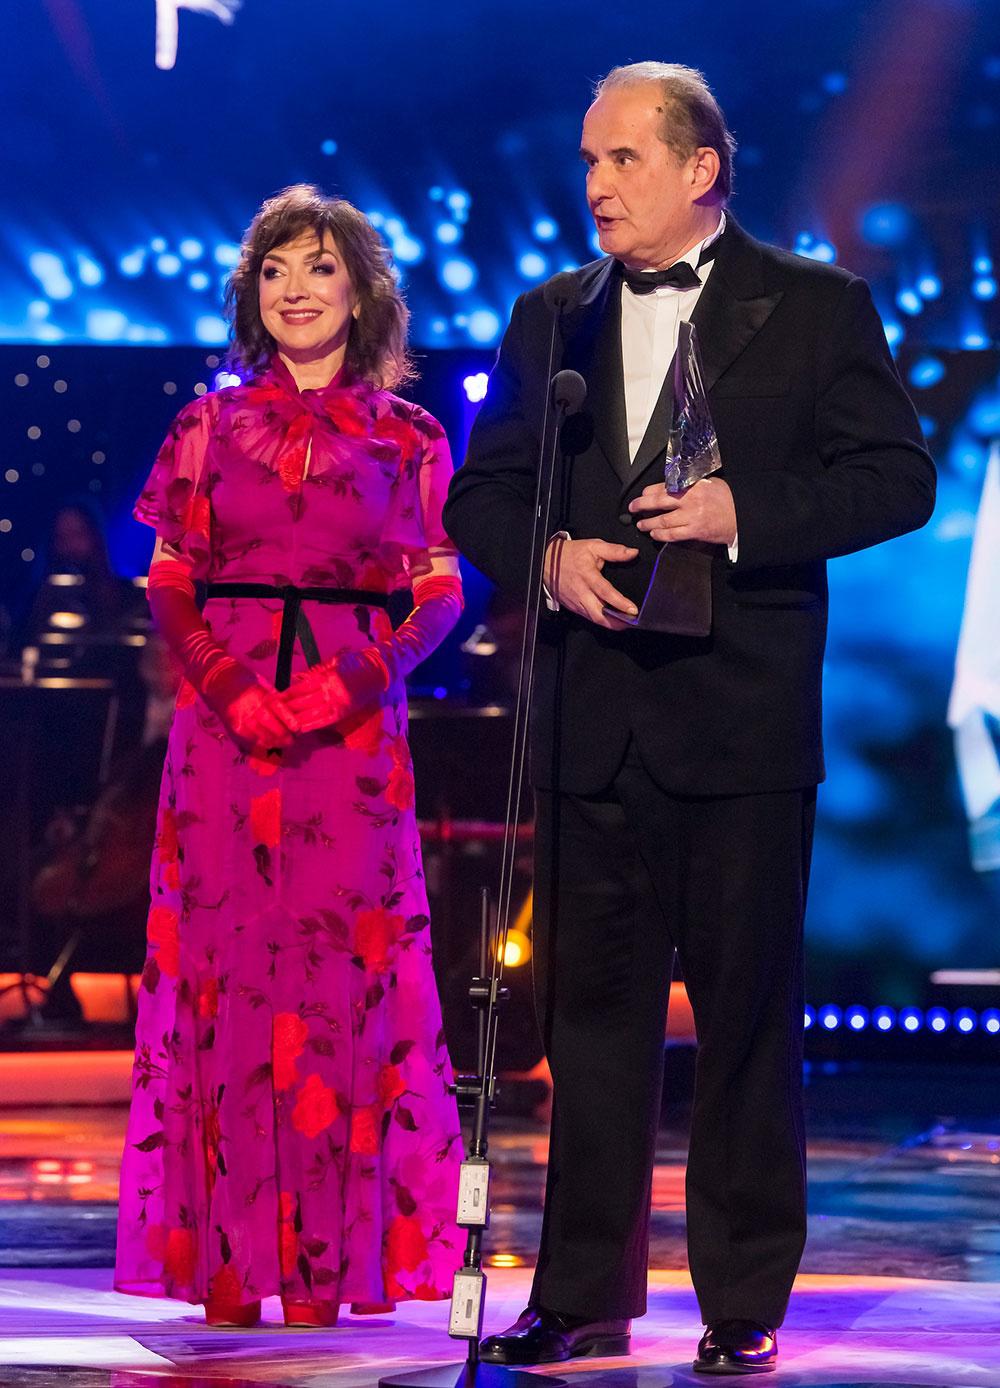 Mária Vaškovičová a generálny riaditeľ SND Peter Kováč odovzdali Mimoriadnu cenu scénografovi Jozefovi Cillerovi.